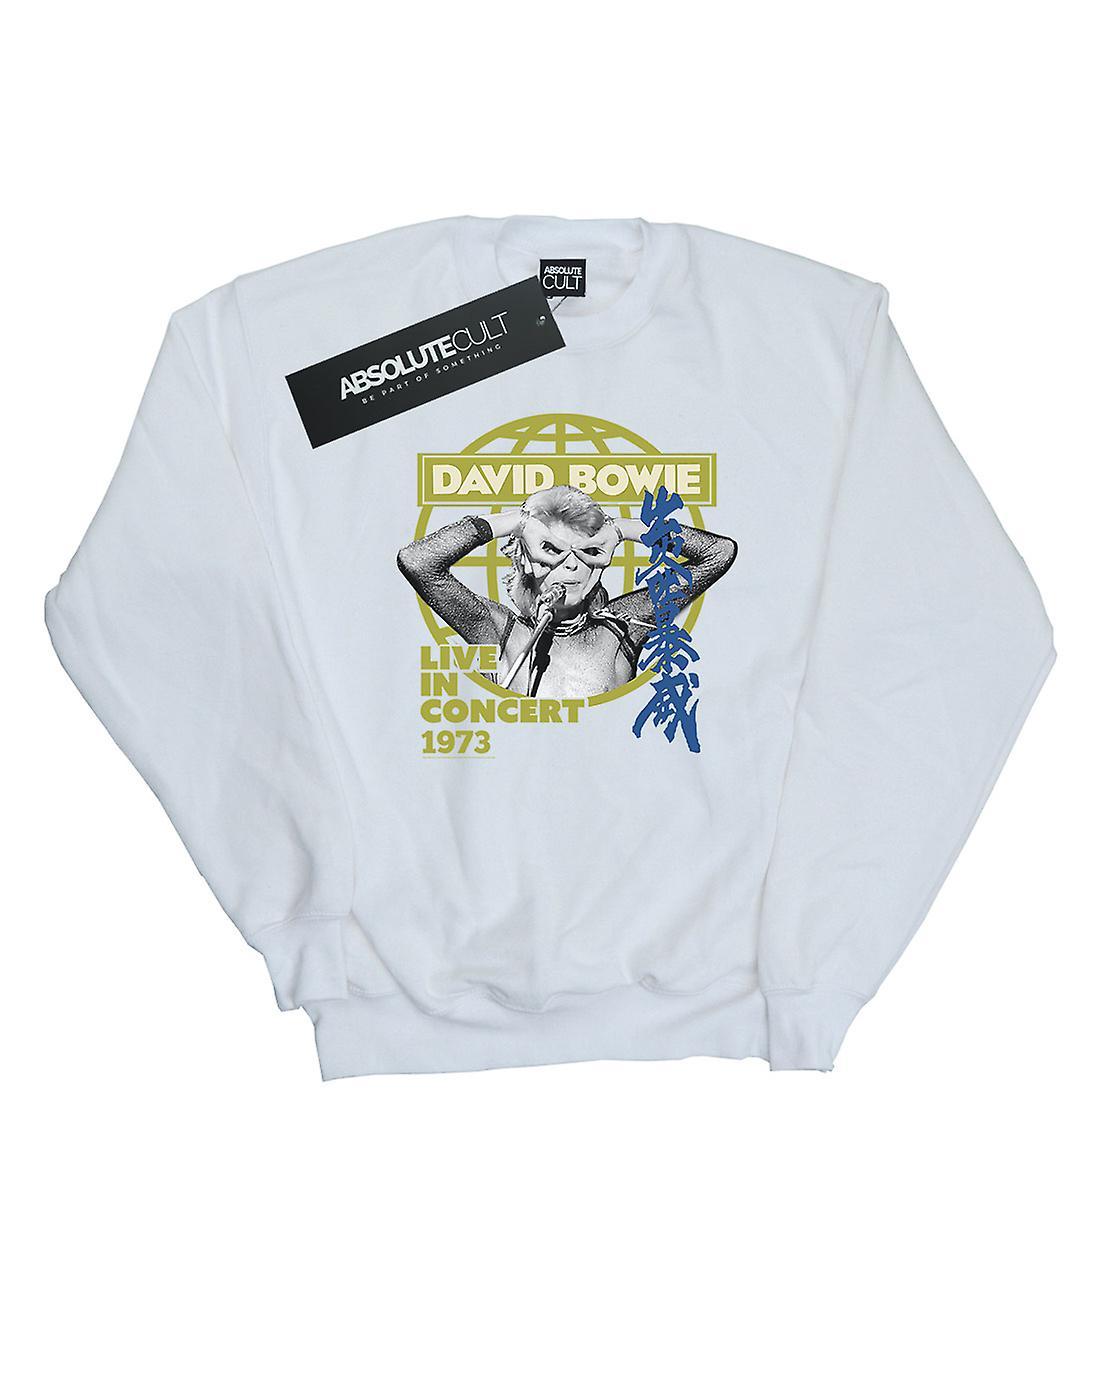 David Bowie Girls Live In Concert Sweatshirt